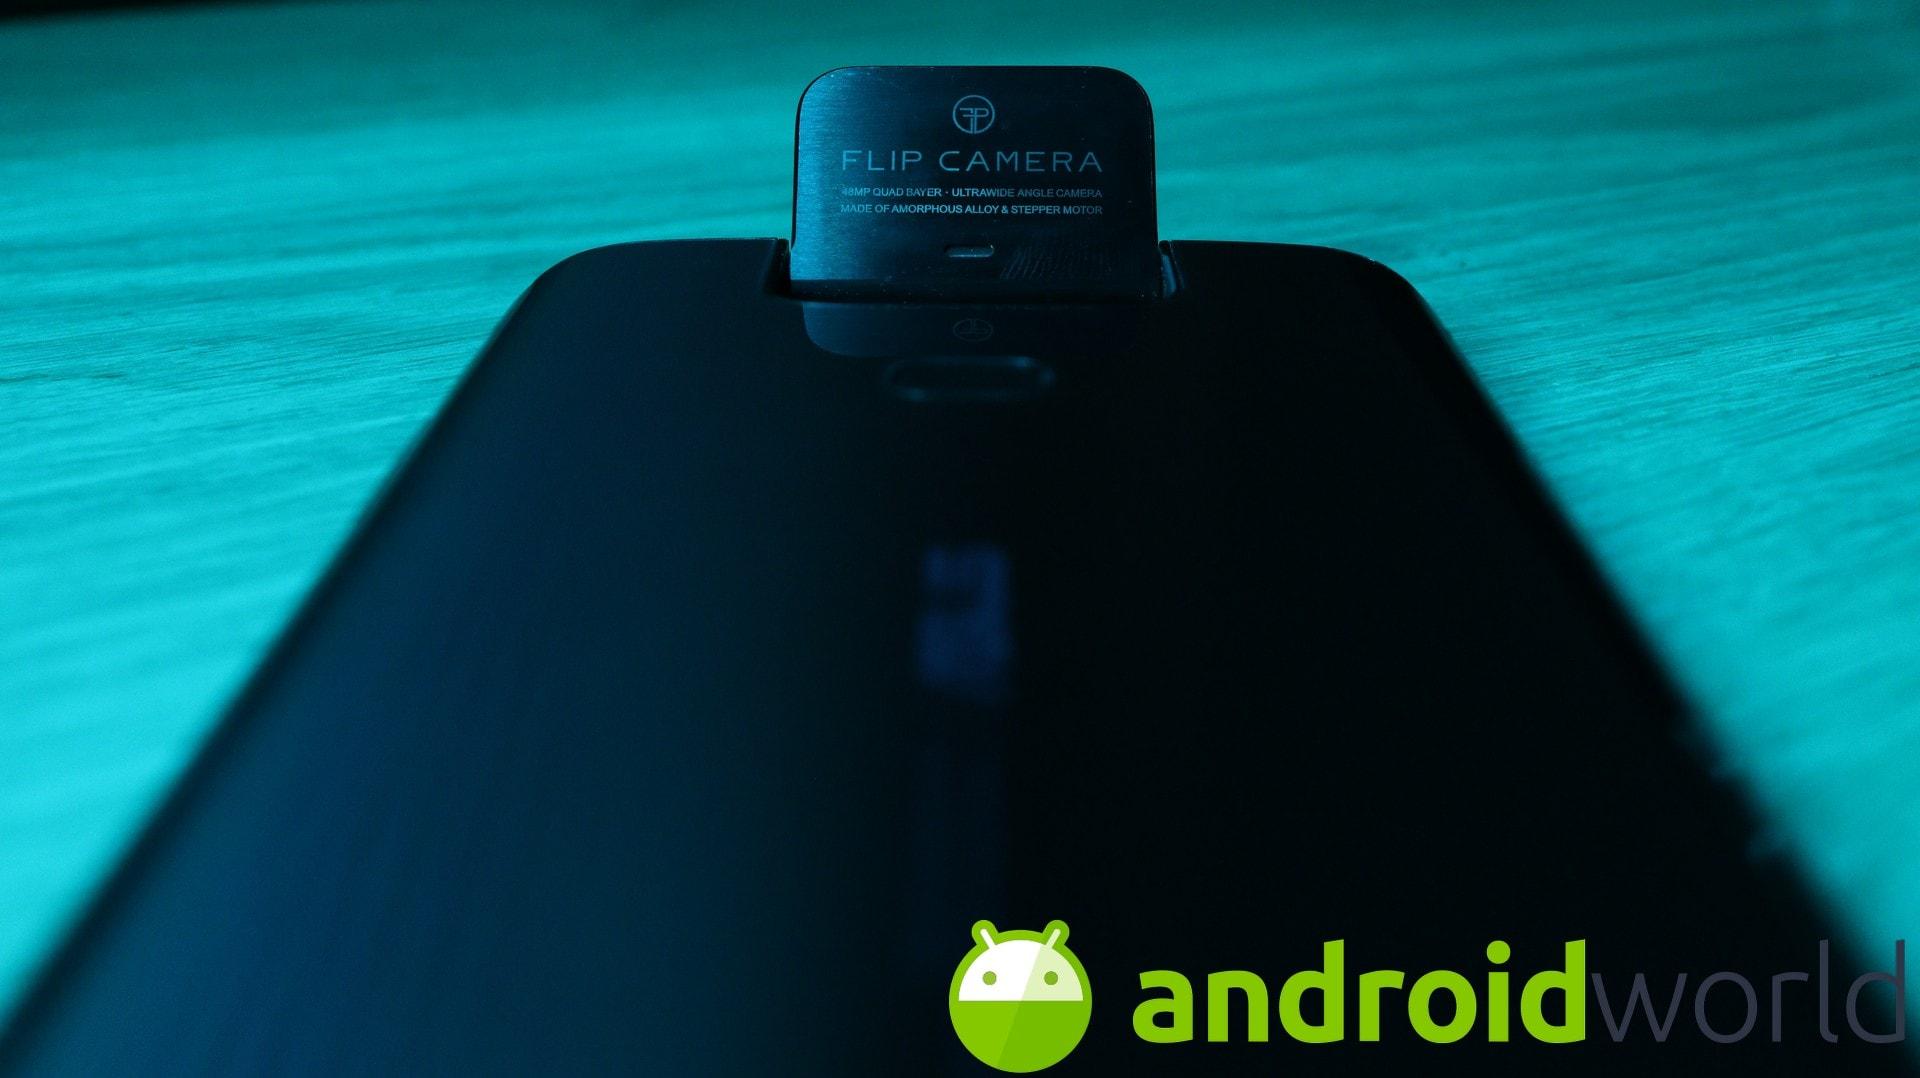 Ci saranno differenze sostanziali tra Zenfone 7 e Zenfone 7 Pro: anche il processore sarà diverso